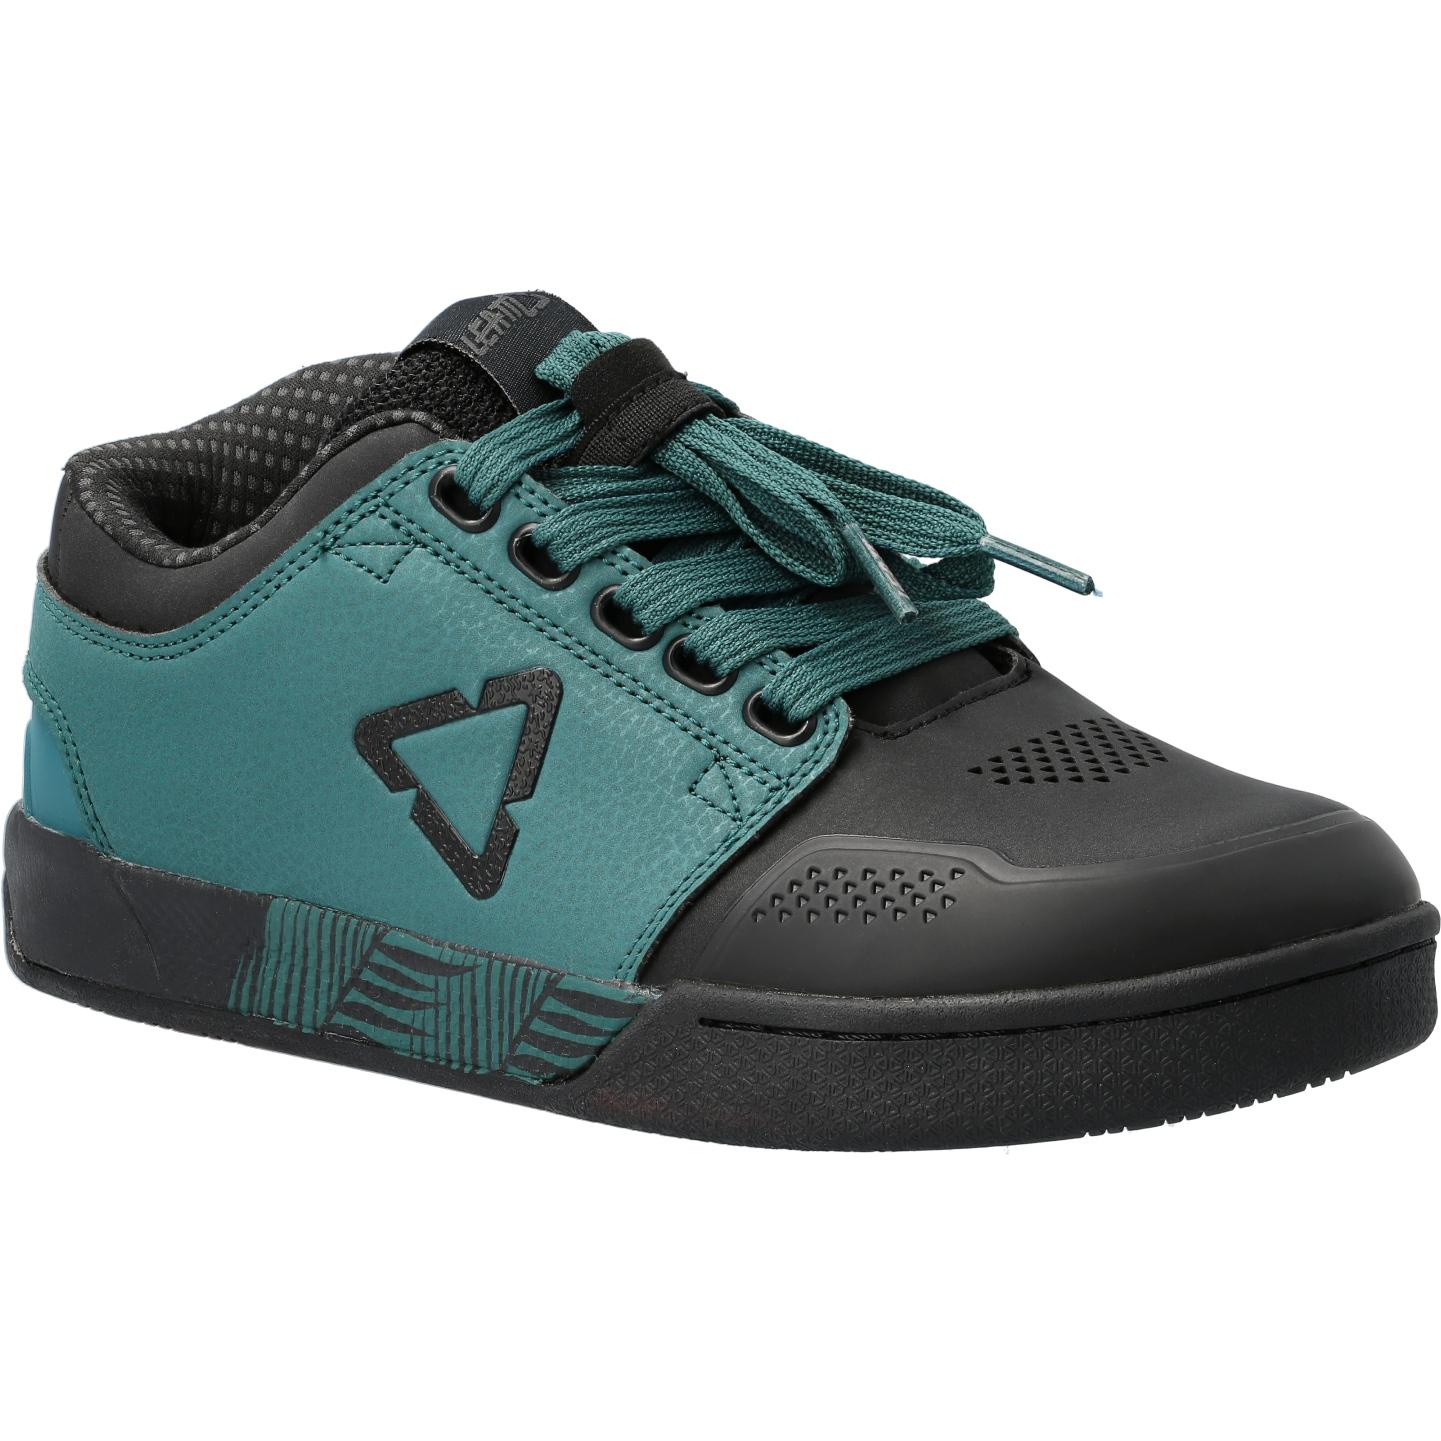 Leatt DBX 3.0 Flatpedal Damen Schuh - jade